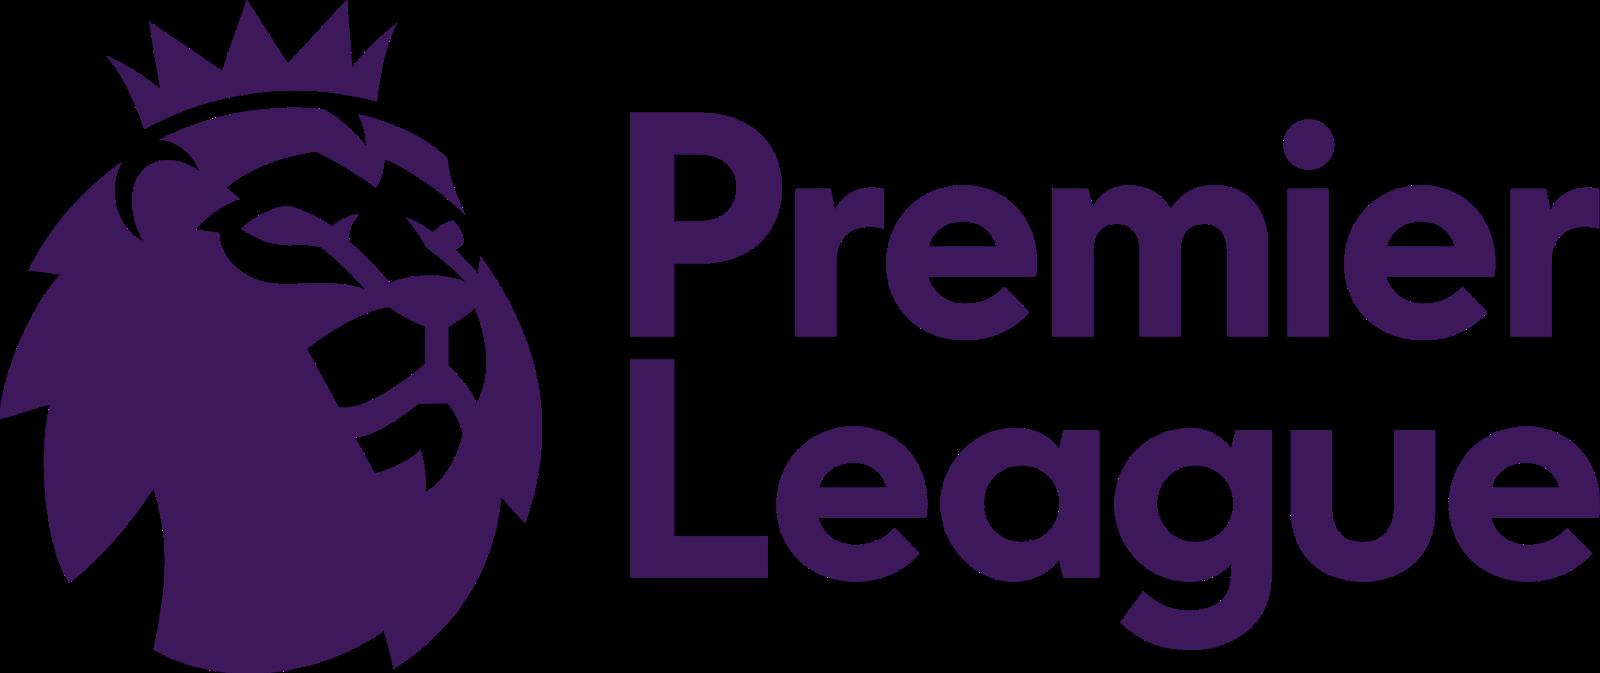 كتب أحمد سمير انتهت منافسات الأسابيع العشرة الأولي من منافسات الدوري الإنجليزي الممتاز لكرة القد Premier League Football Premier League Logo Premier League